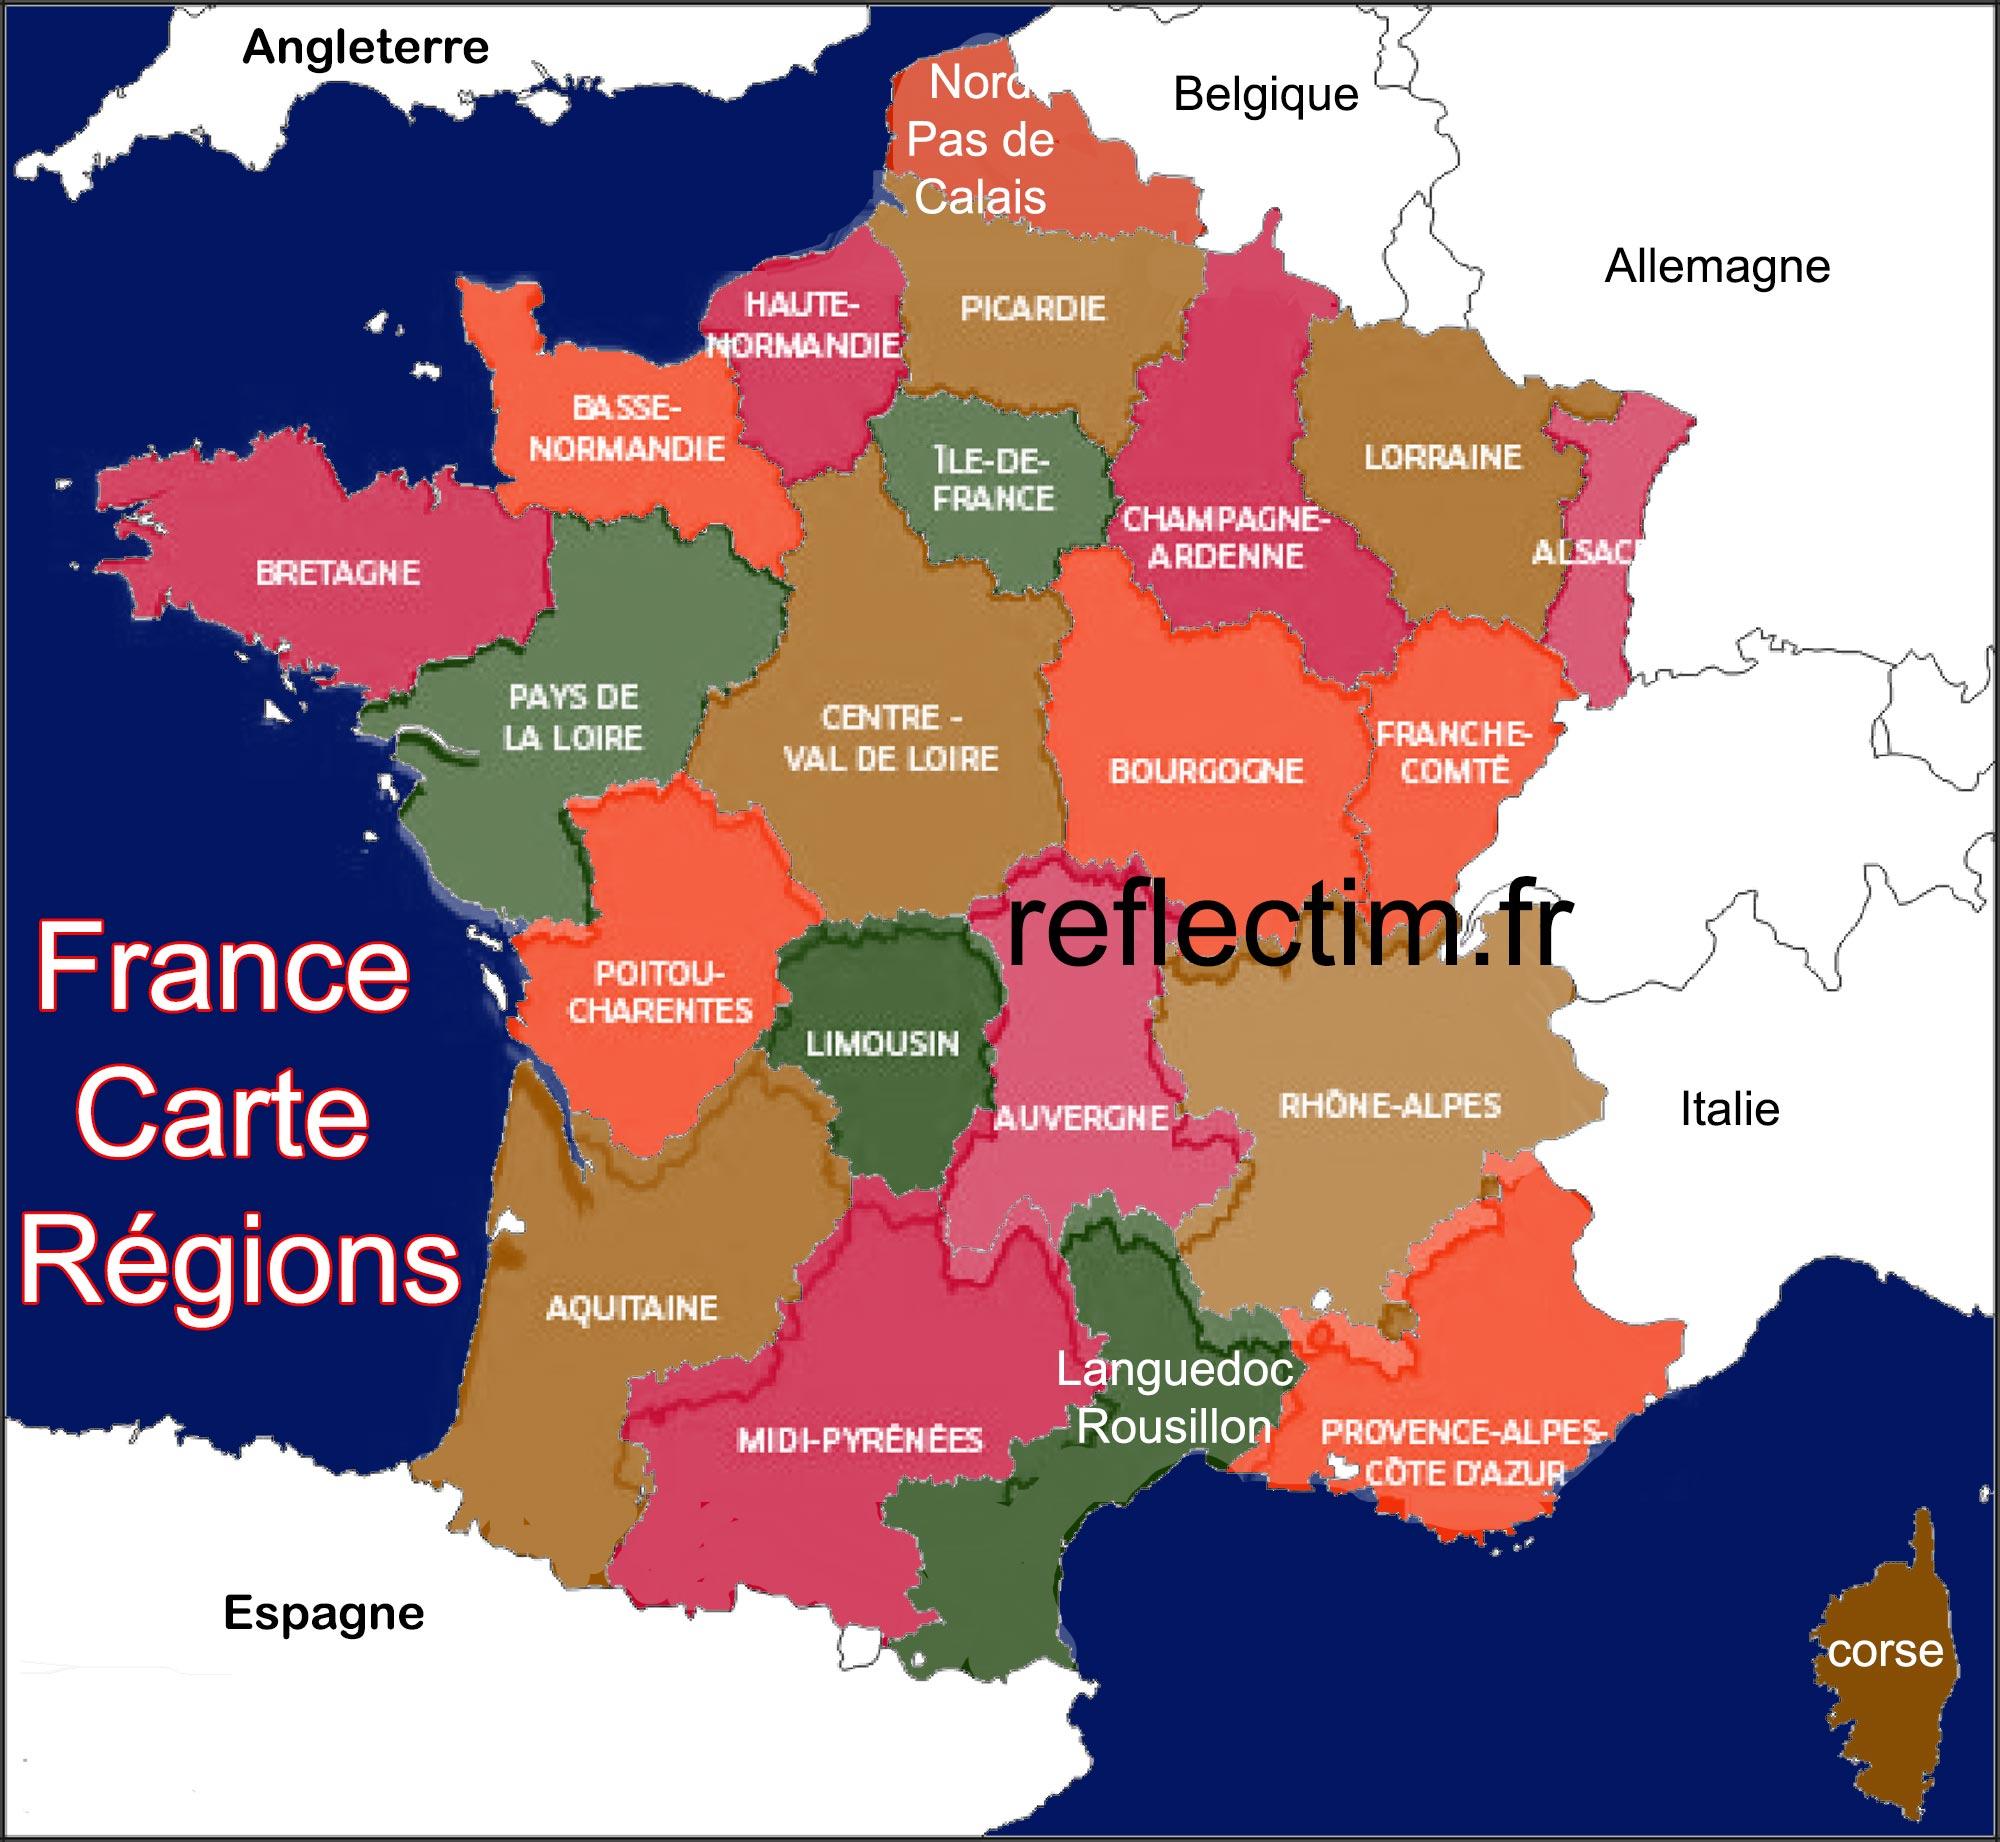 France Carte Région - Voyages - Cartes avec Carte Des Régions Françaises